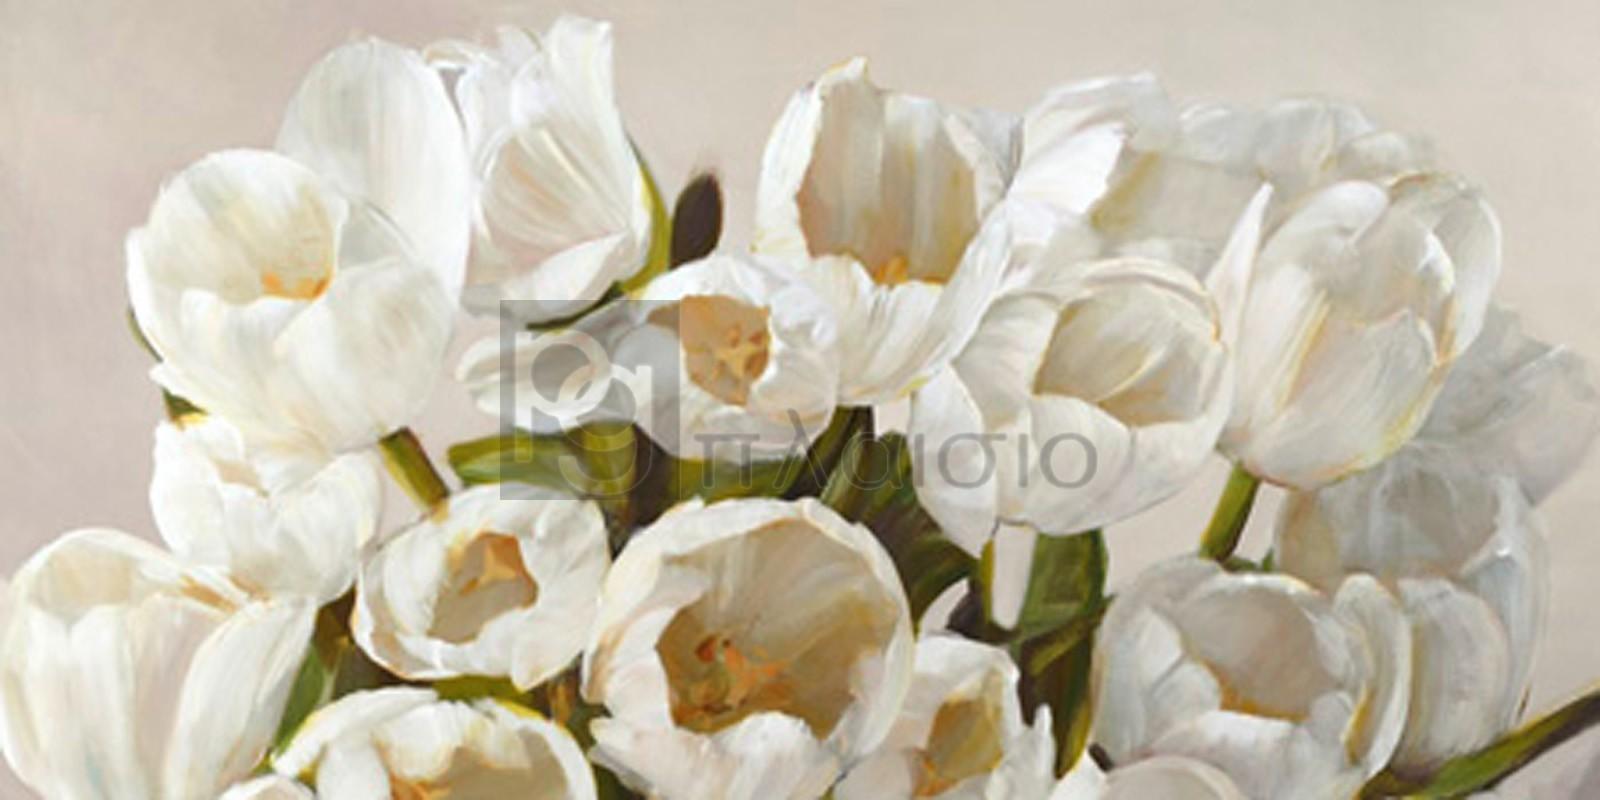 Leonardo Sanna - Composizione in bianco